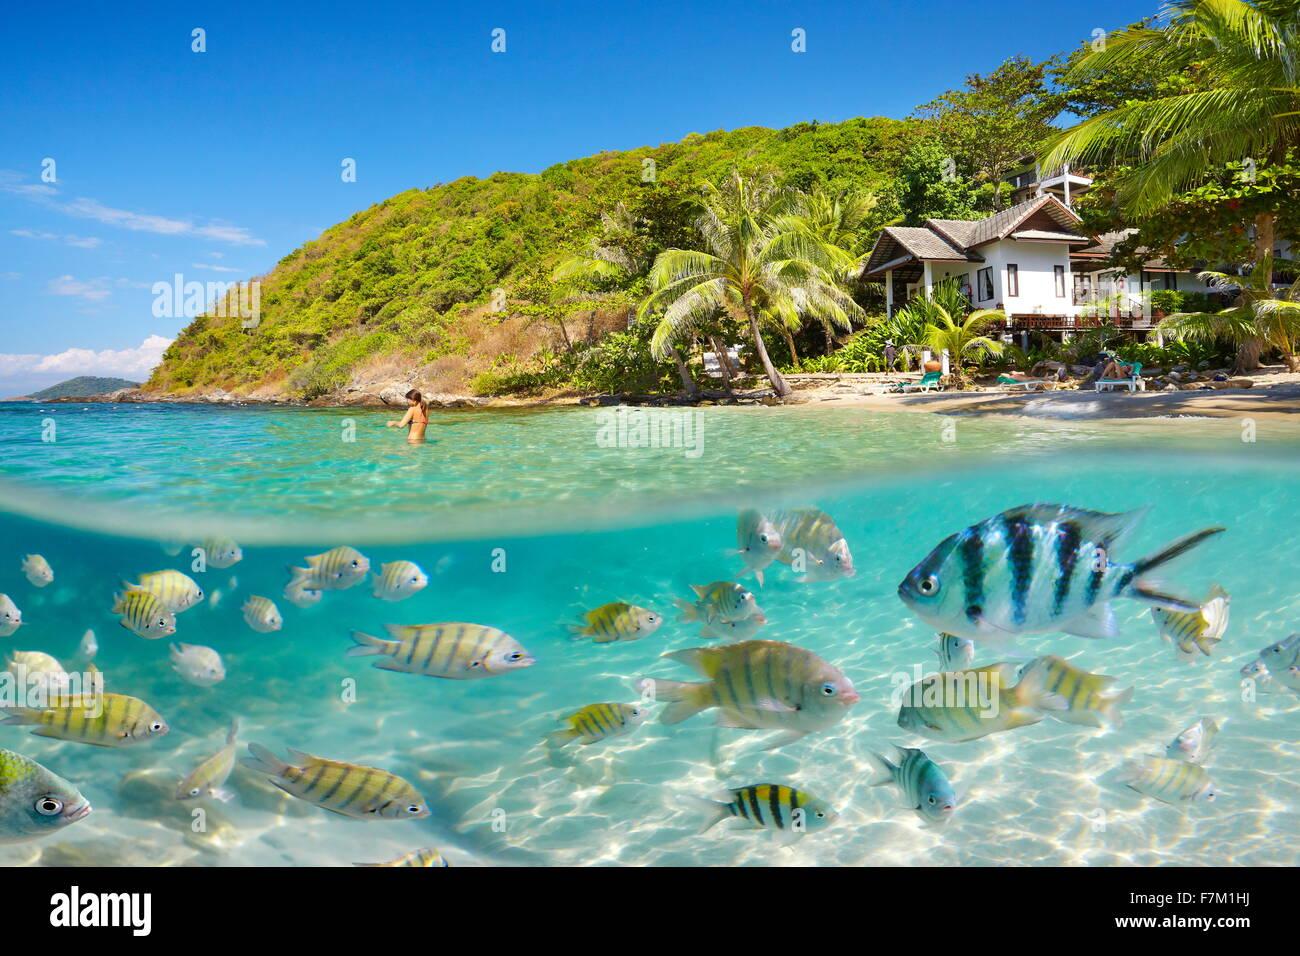 Sous l'eau de mer à l'Île de Ko Samet, Thaïlande, Asie Photo Stock